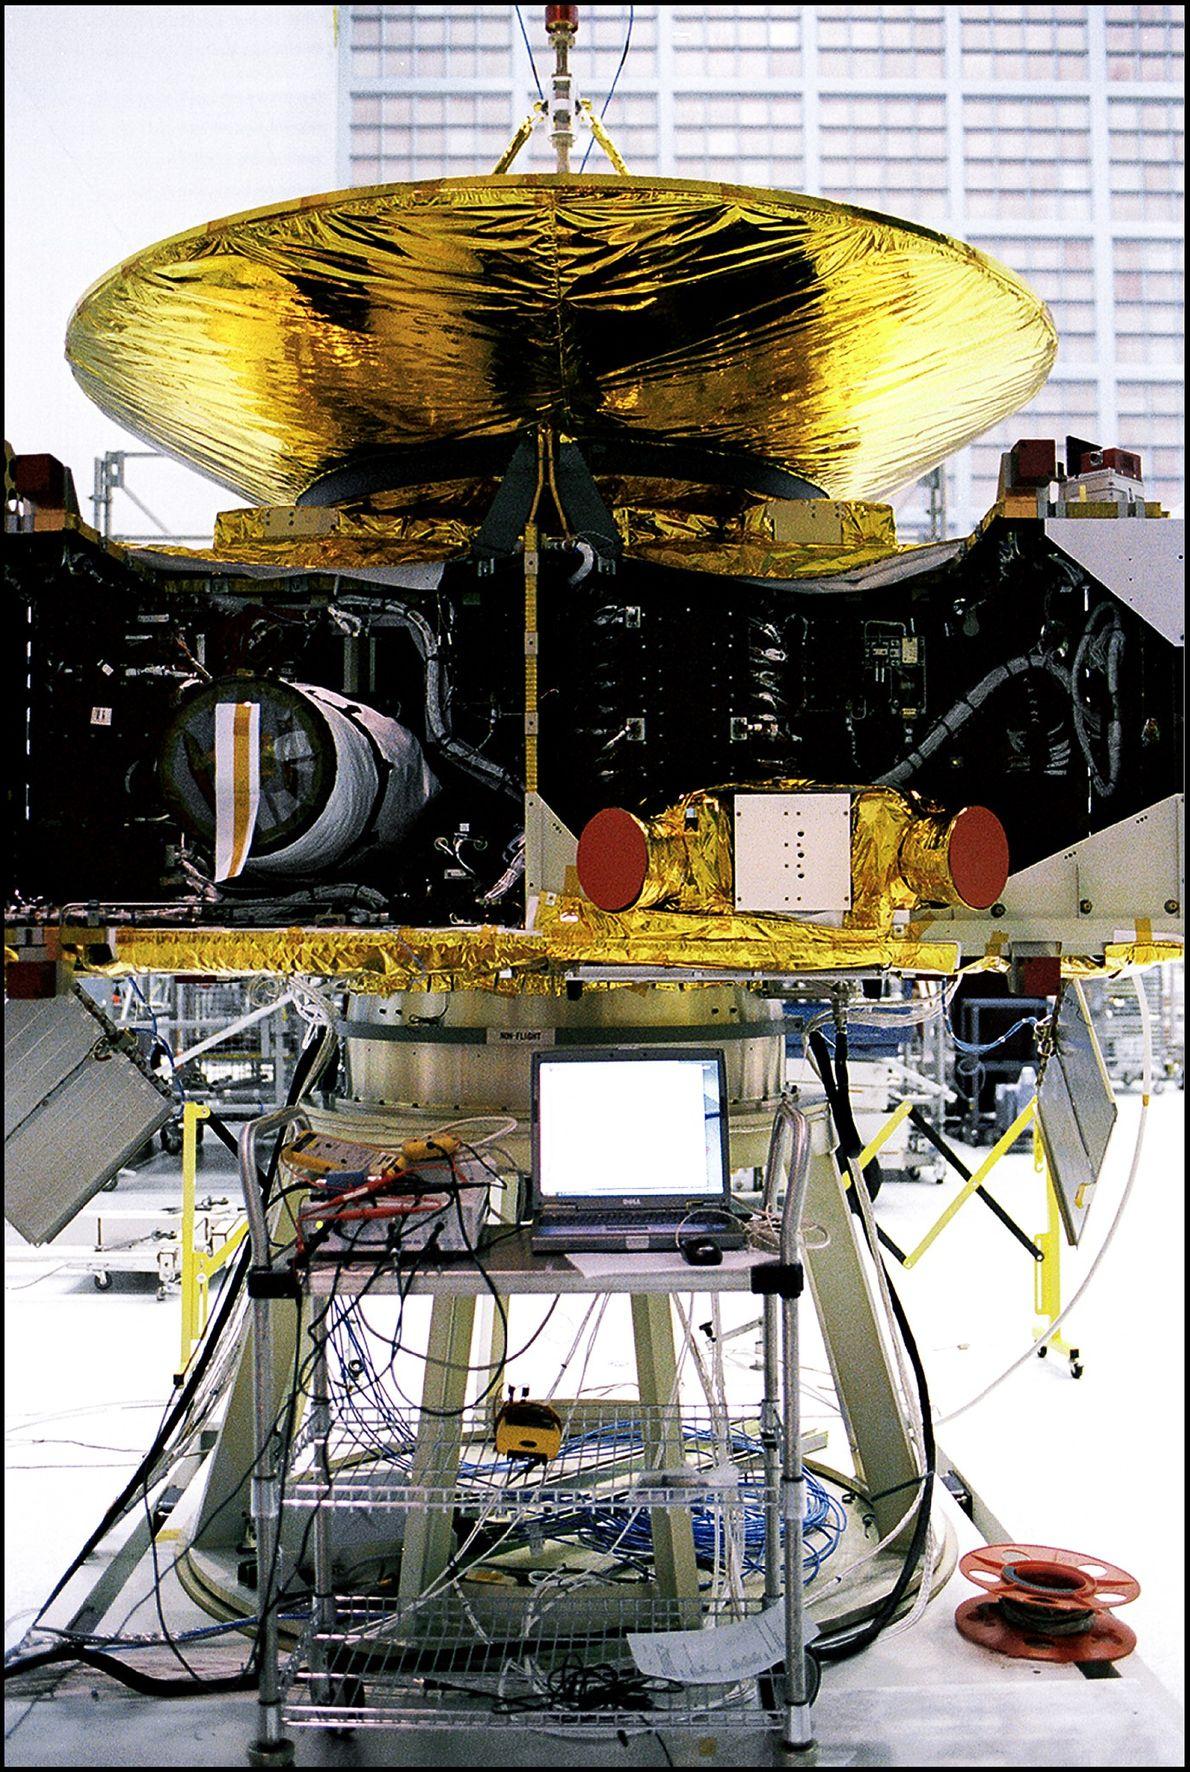 New Horizons se encuentra en medio de la asamblea en el Centro de Vuelo Espacial Goddard ...